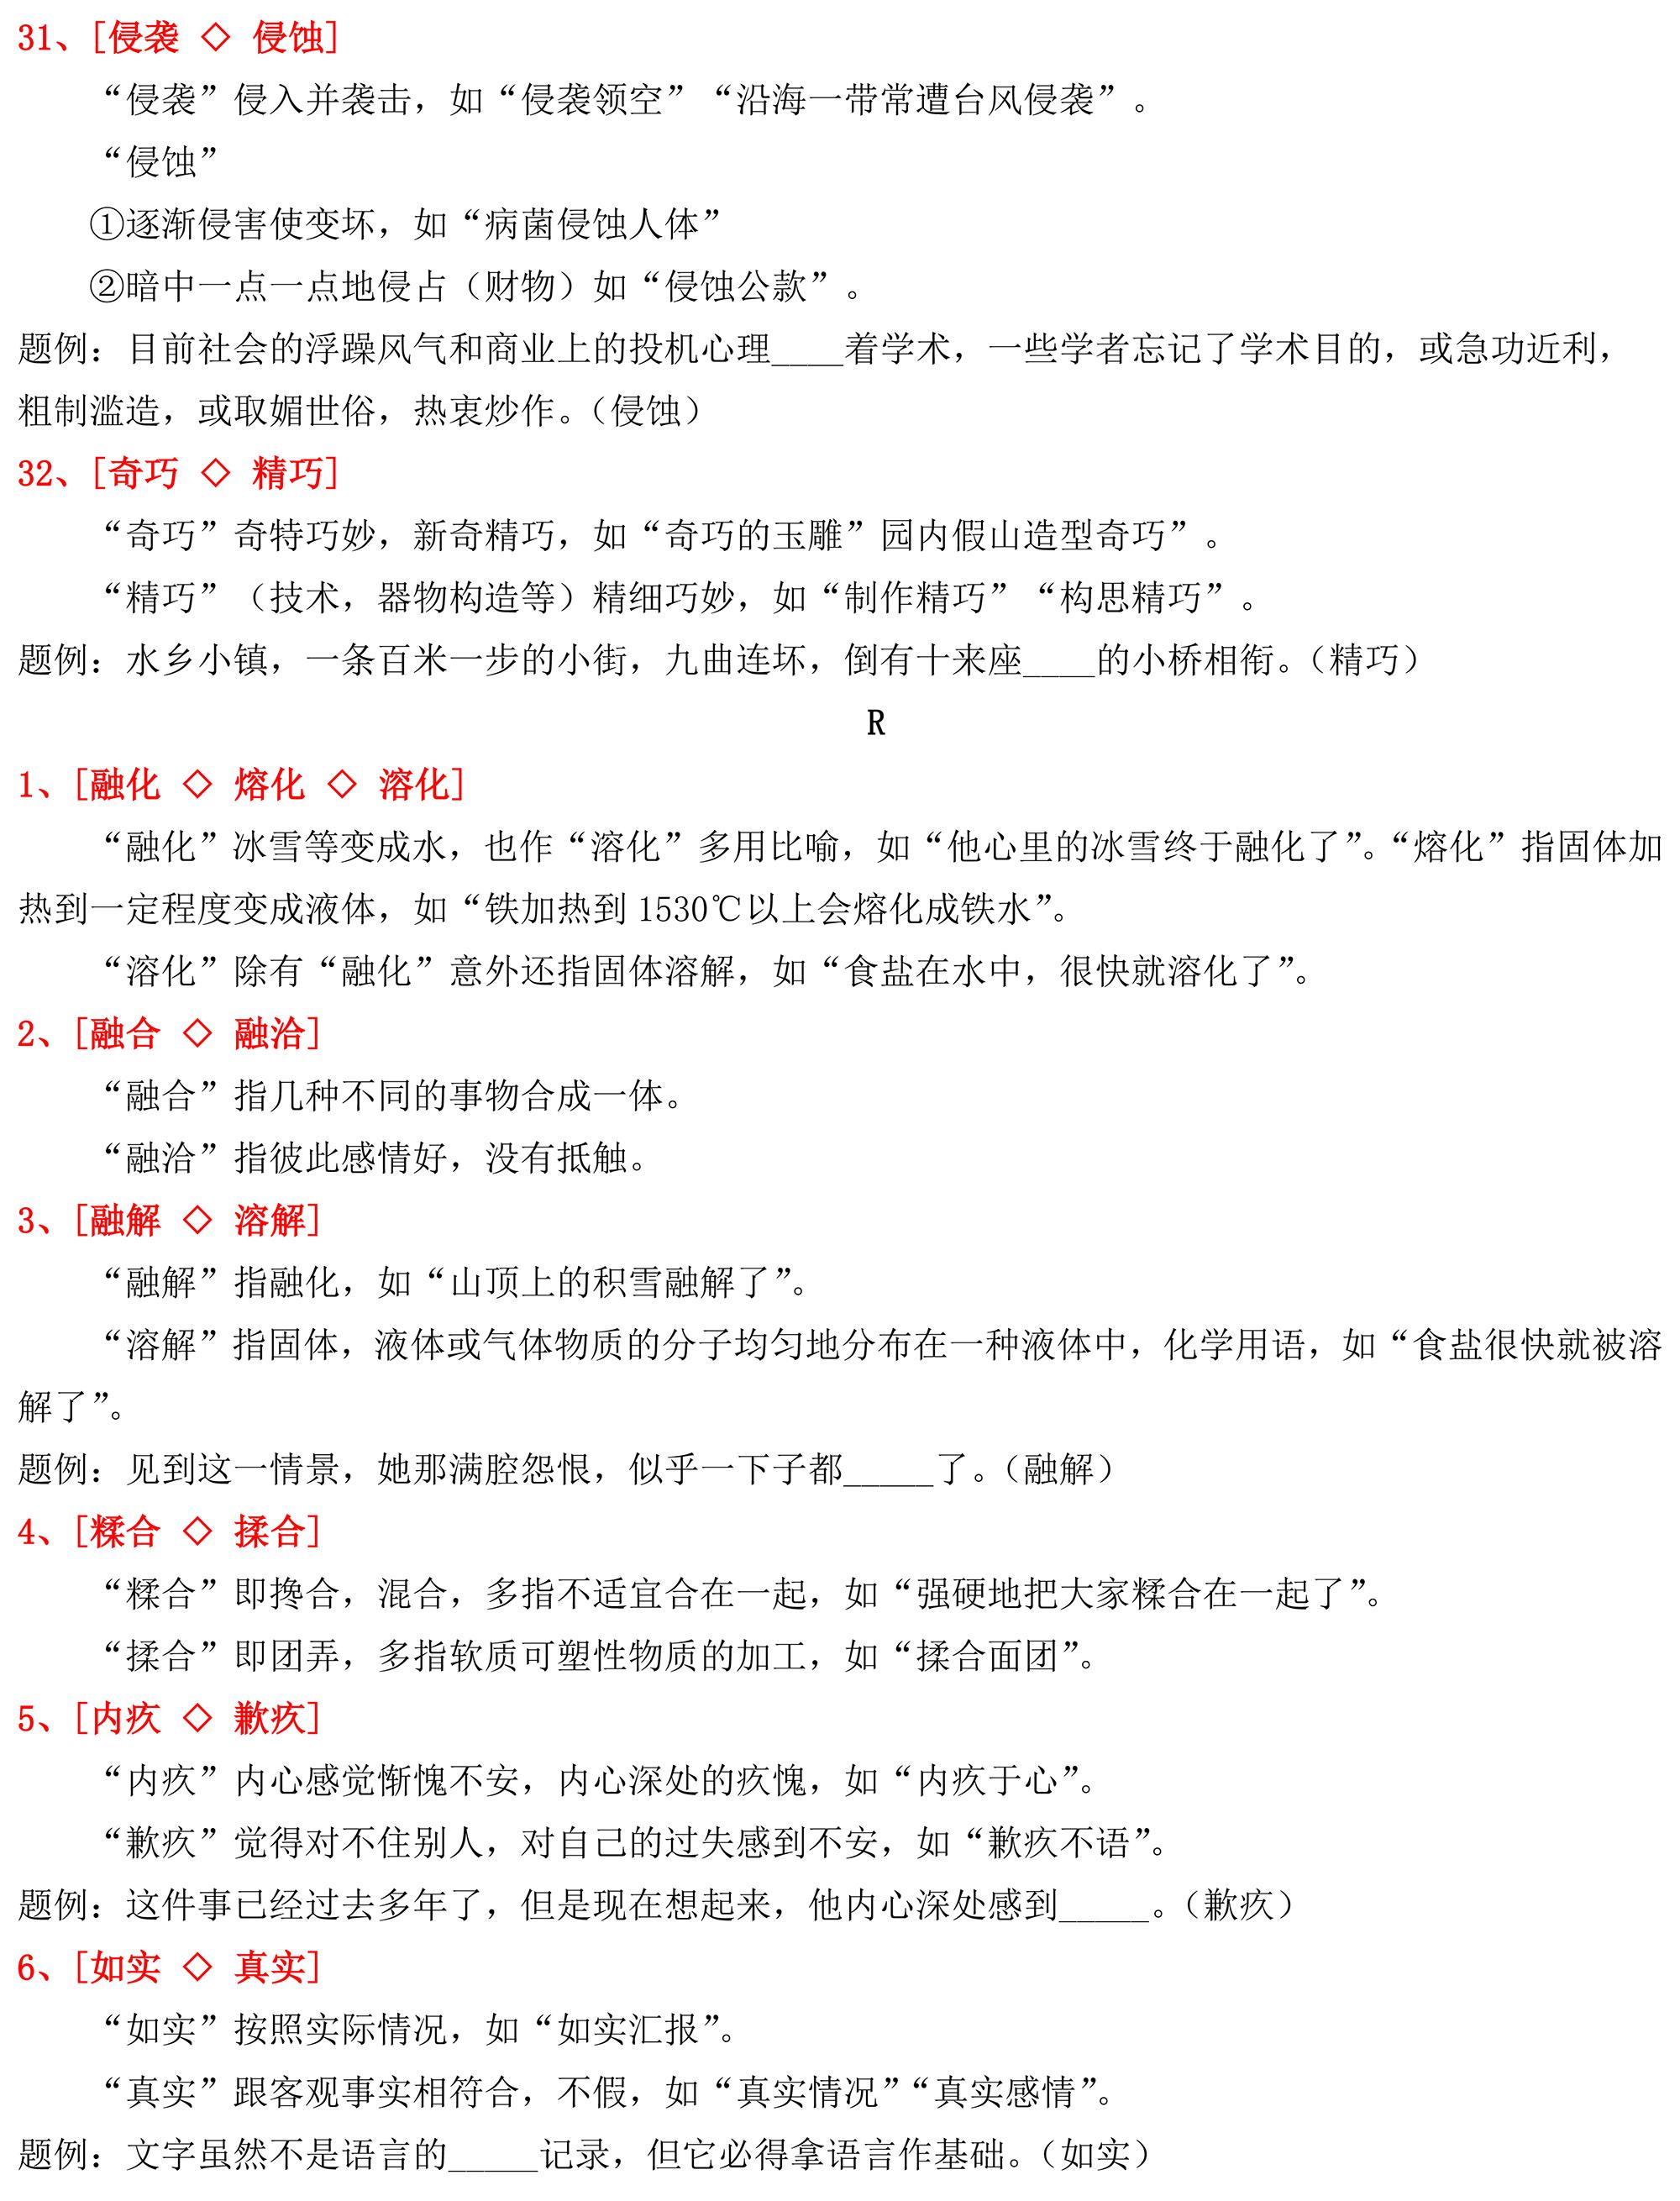 2-3:易混淆辨析 - 实词 - 打印版(O-T)-7.jpg